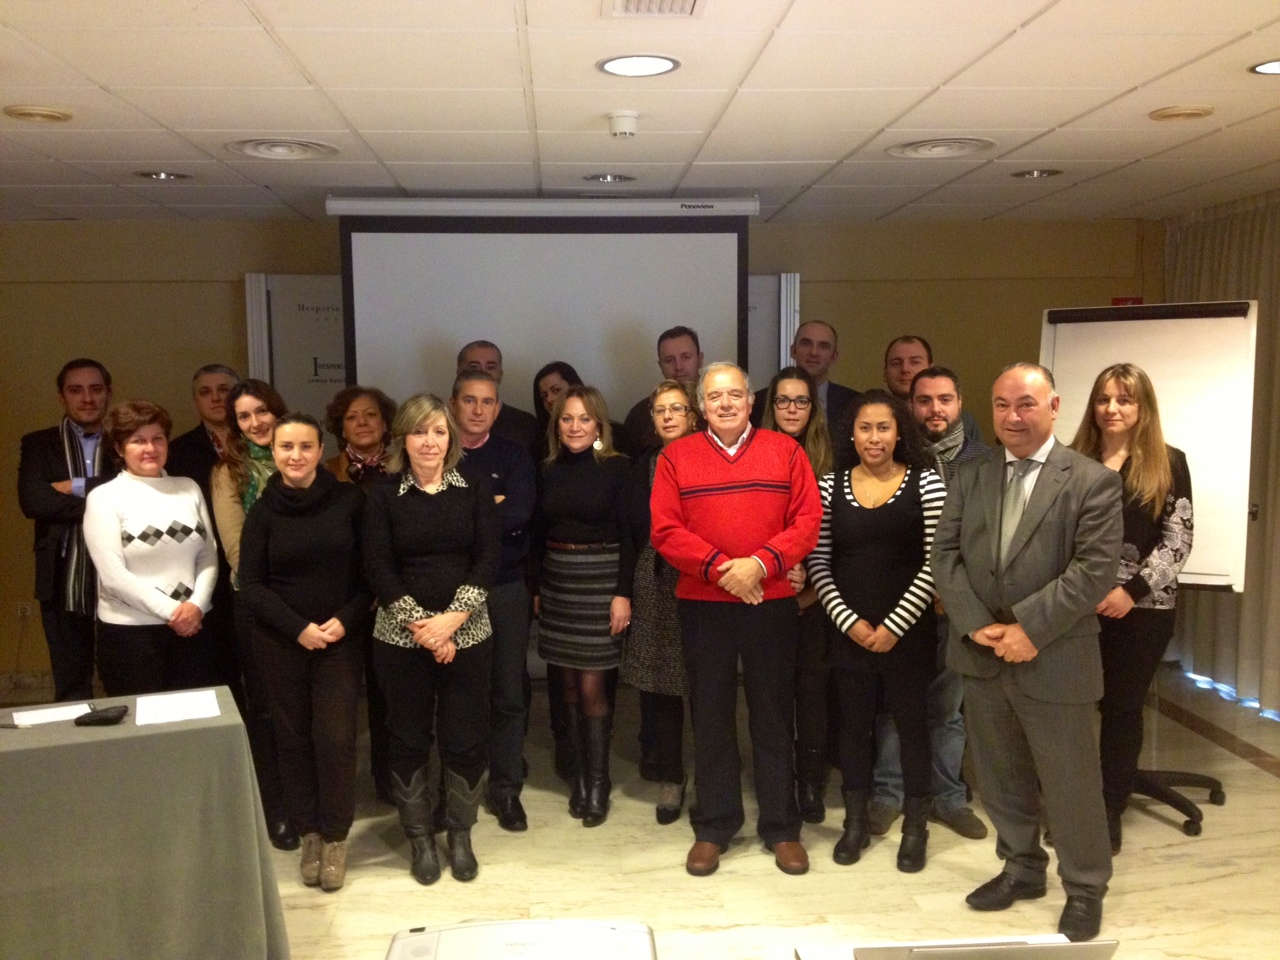 Fotos de familia de los cursos de idealista en 2013 coordinados por la oficina de Madrid